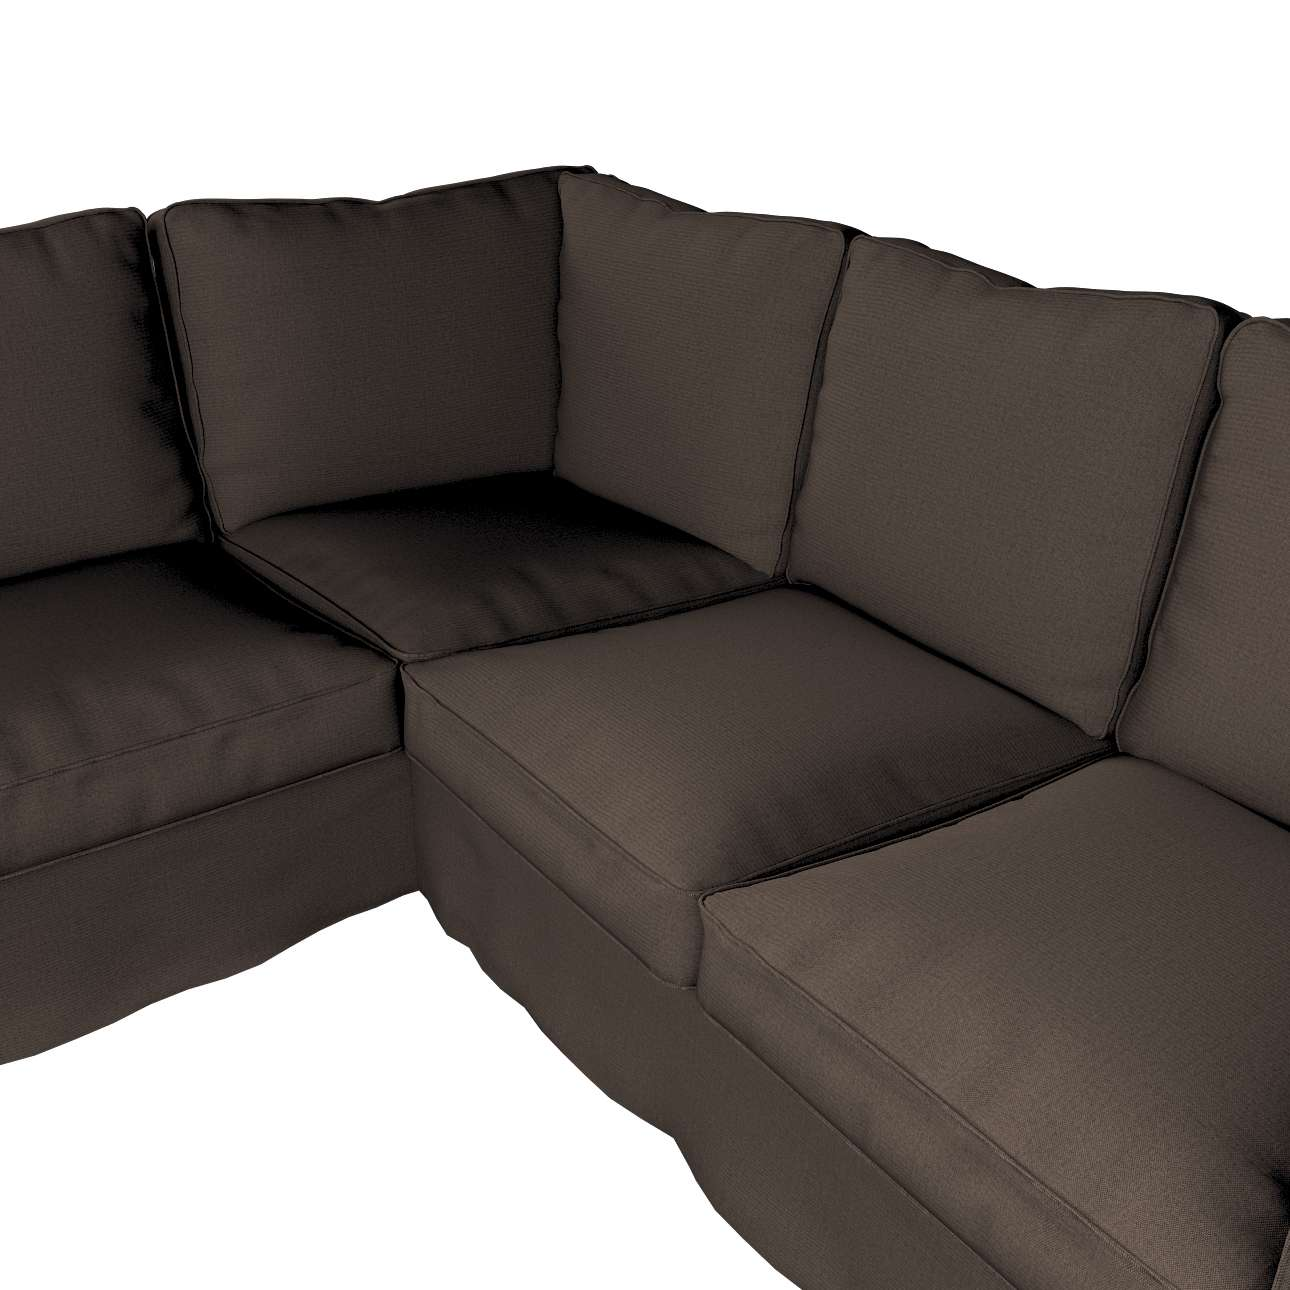 Pokrowiec Ektorp na sofę w kolekcji Etna , tkanina: 705-08